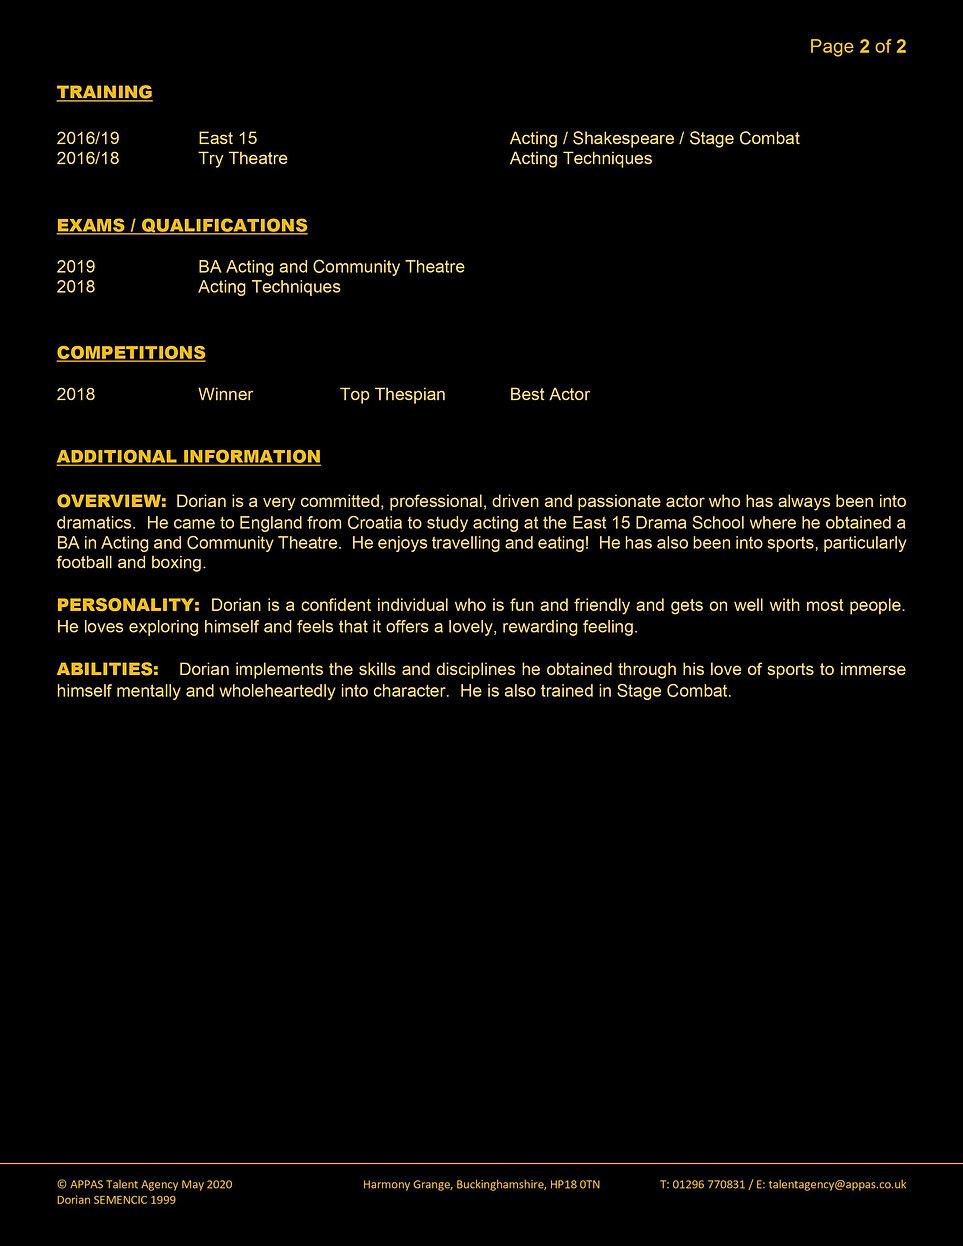 DORIAN SEMENCIC WEB CV (MAY 2020) 1 (2).